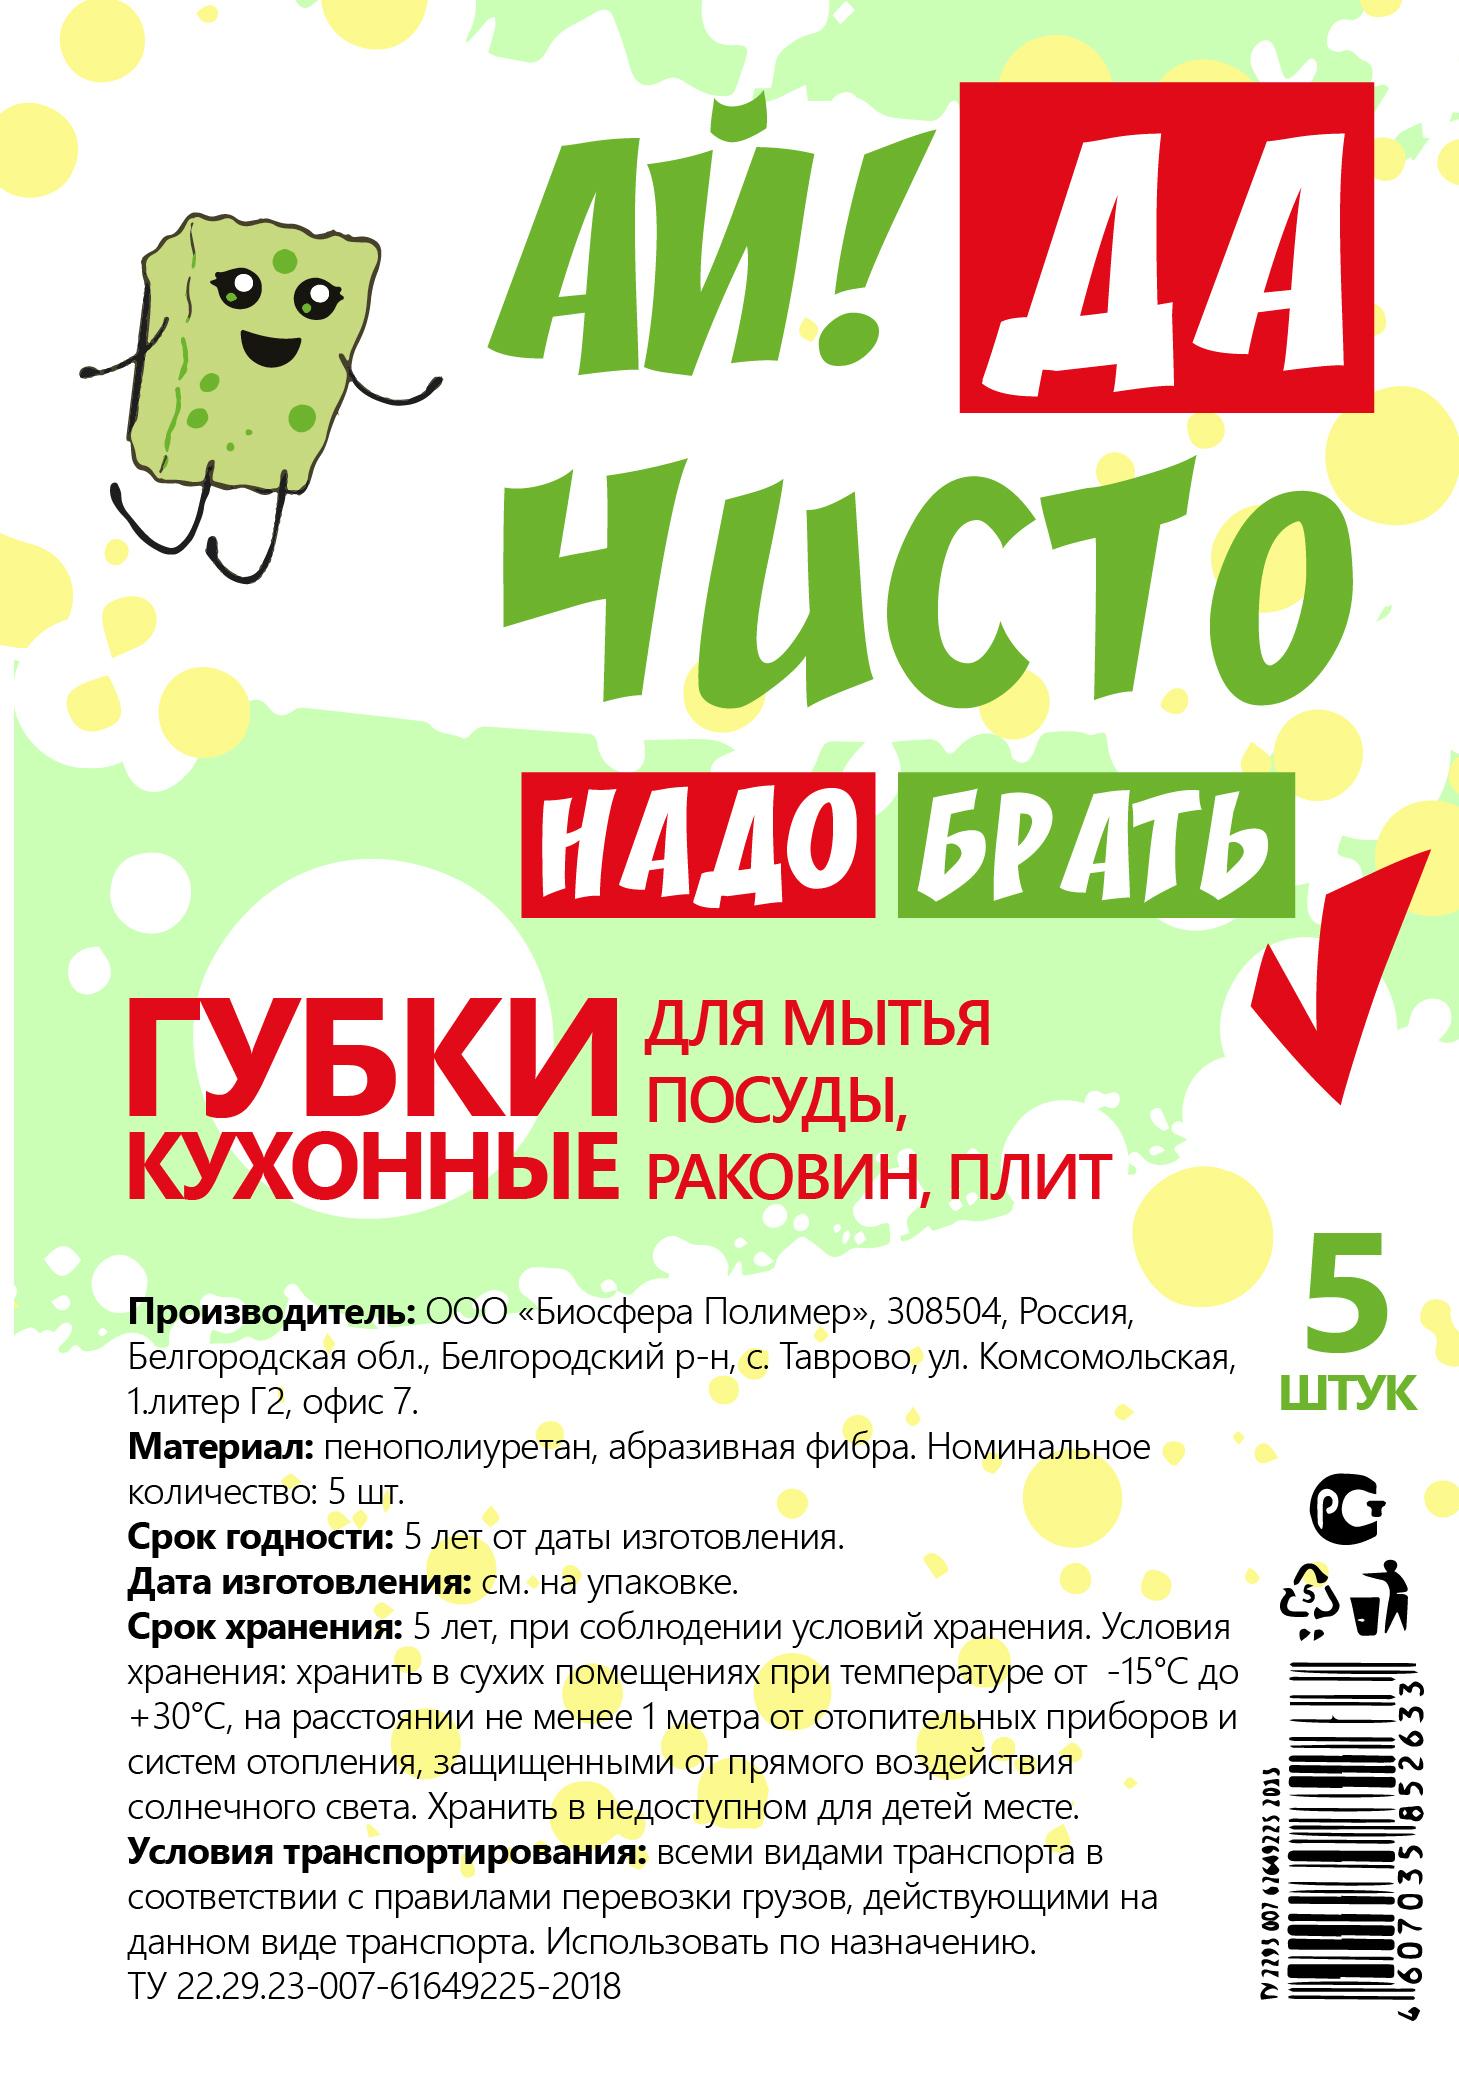 Дизайн логотипа и упаковки СТМ фото f_6635c5dd529062d7.jpg